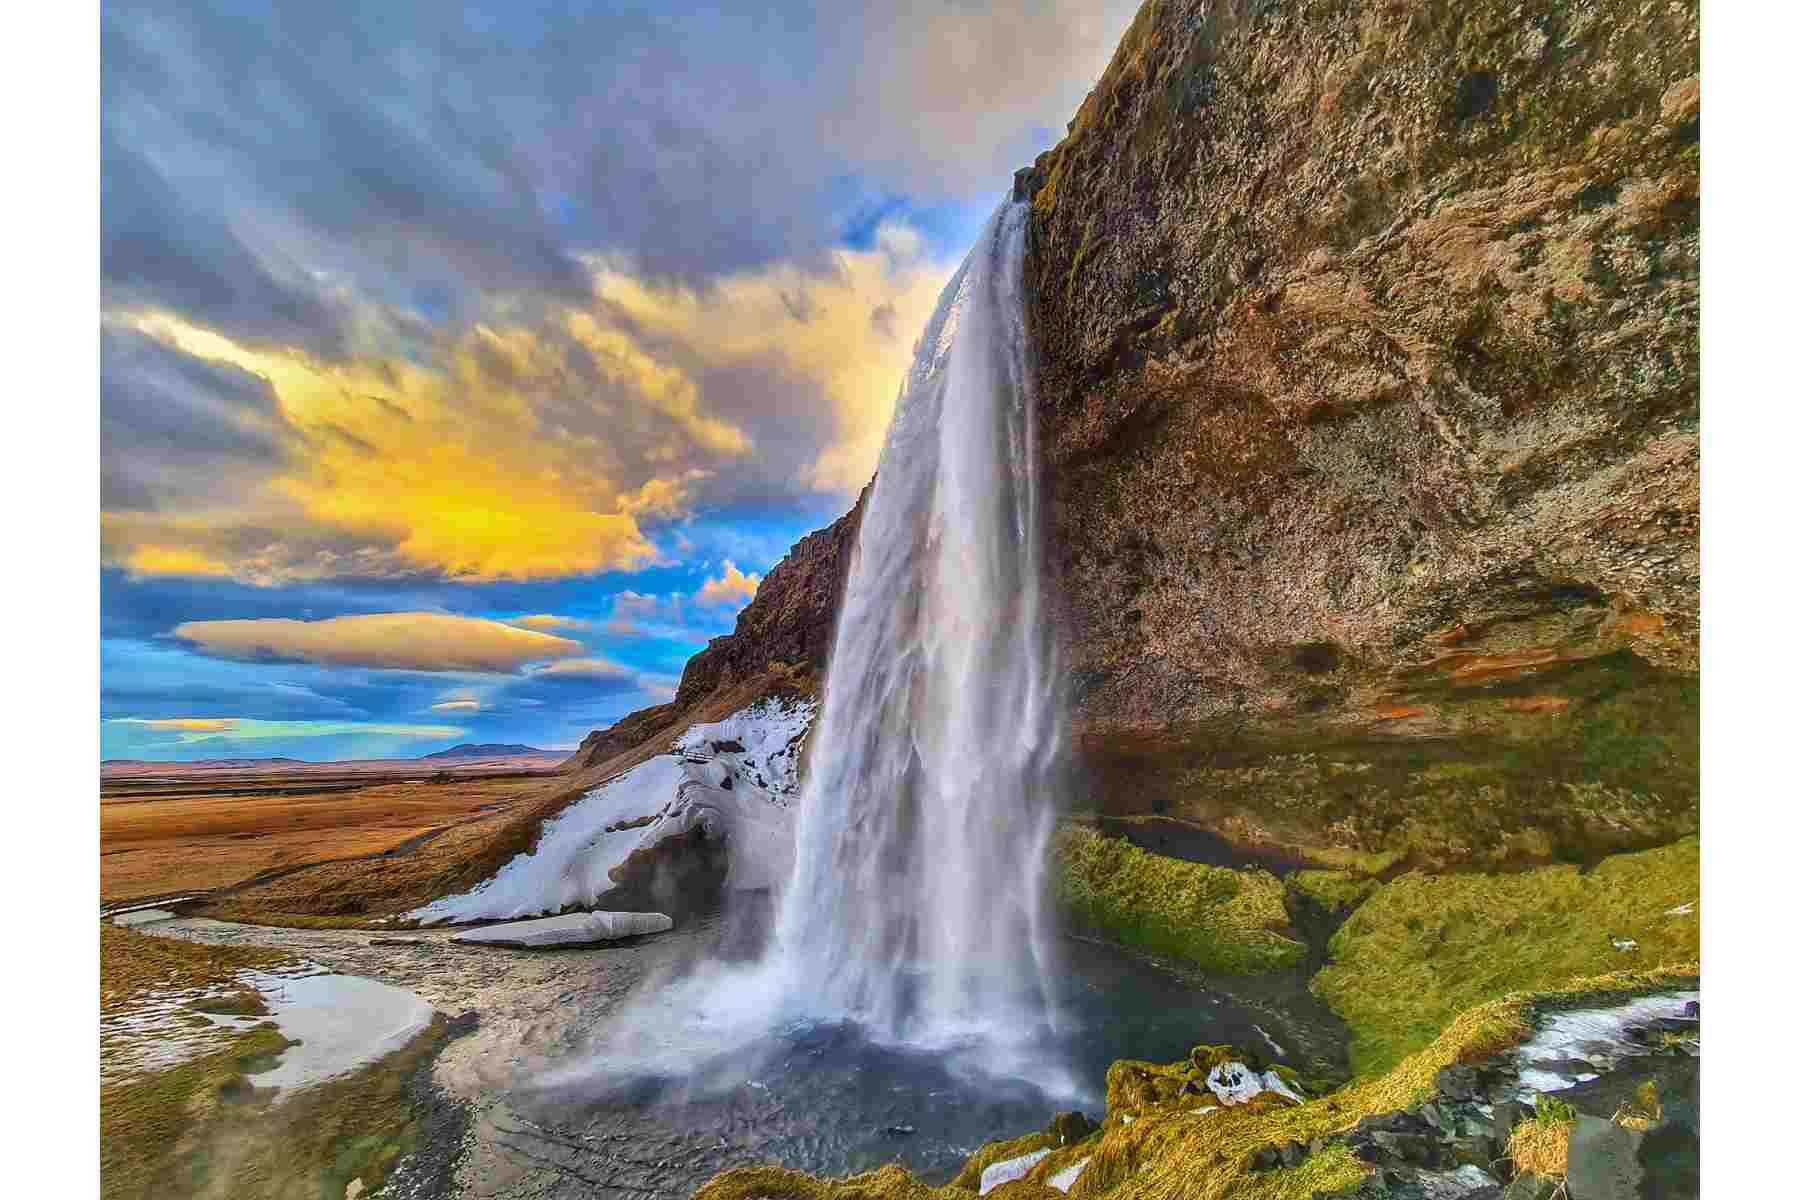 9D8N ICELAND | REYKJAVIK, SOUTH COAST, SNÆFELLSNES & NORTHERN LIGHTS Wedding Package